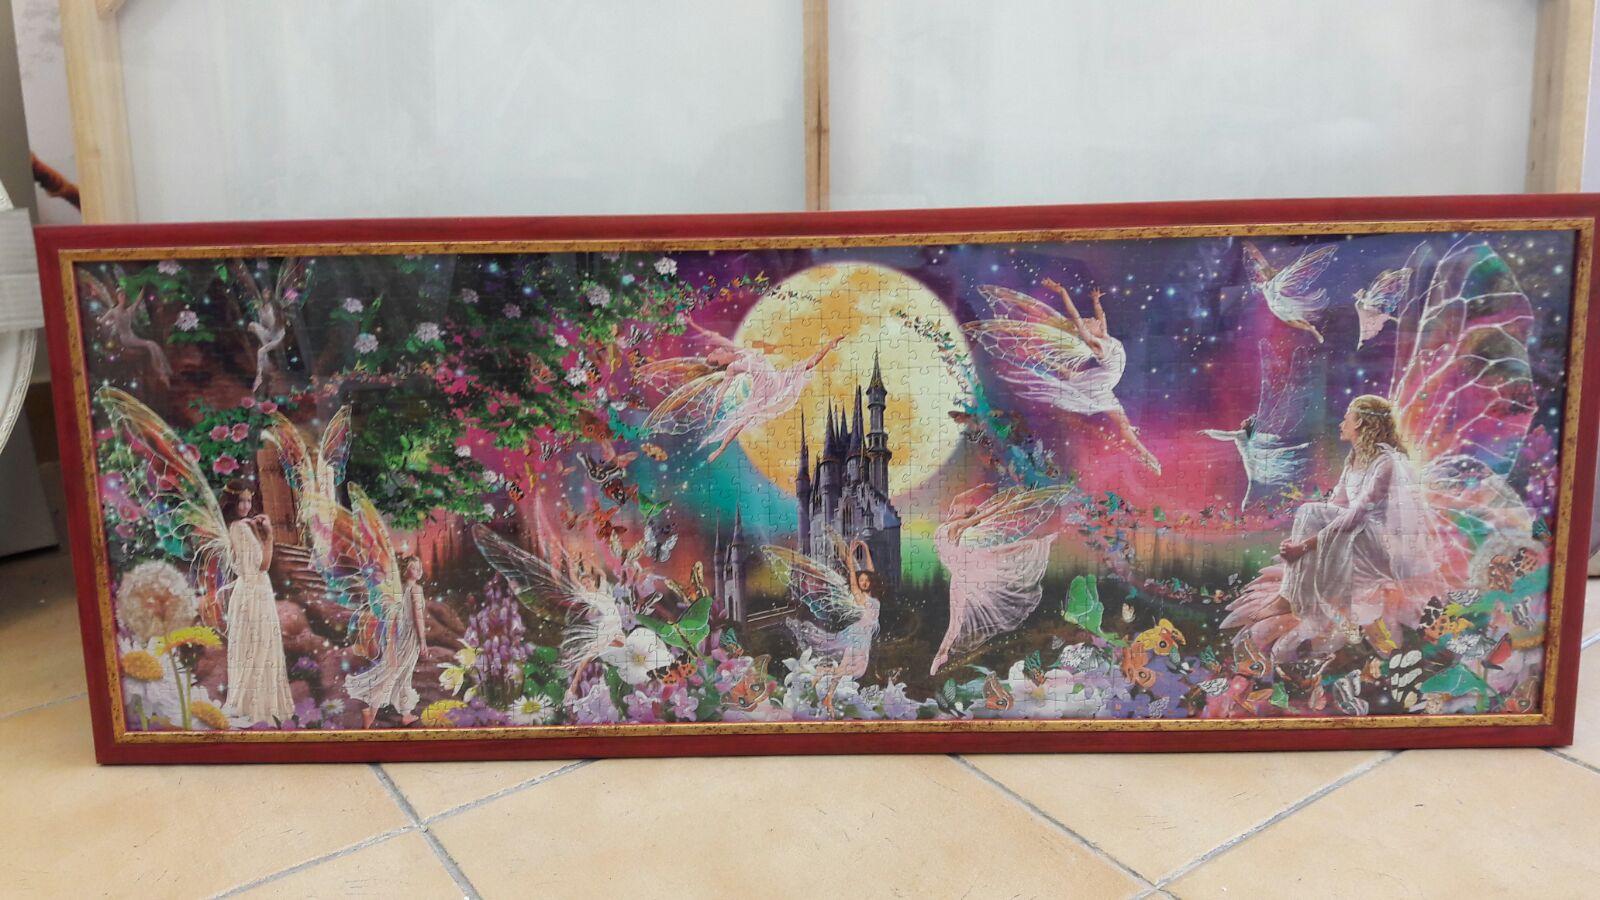 פאזל ציור פיות רוקדות פנורמי מצויר לילדים בסגנון דיסני - צבעי ורוד, צהוב, ירוק. הופך זכרונות קסומים עם ירח ענקי ברקע, הפיות . טירה מרחוק , גן של פרחים מלבלבים , וכן שורה של רוקדי פיות , פאזל שמדמה סצנת קסומה ומתוקה של חלומות .